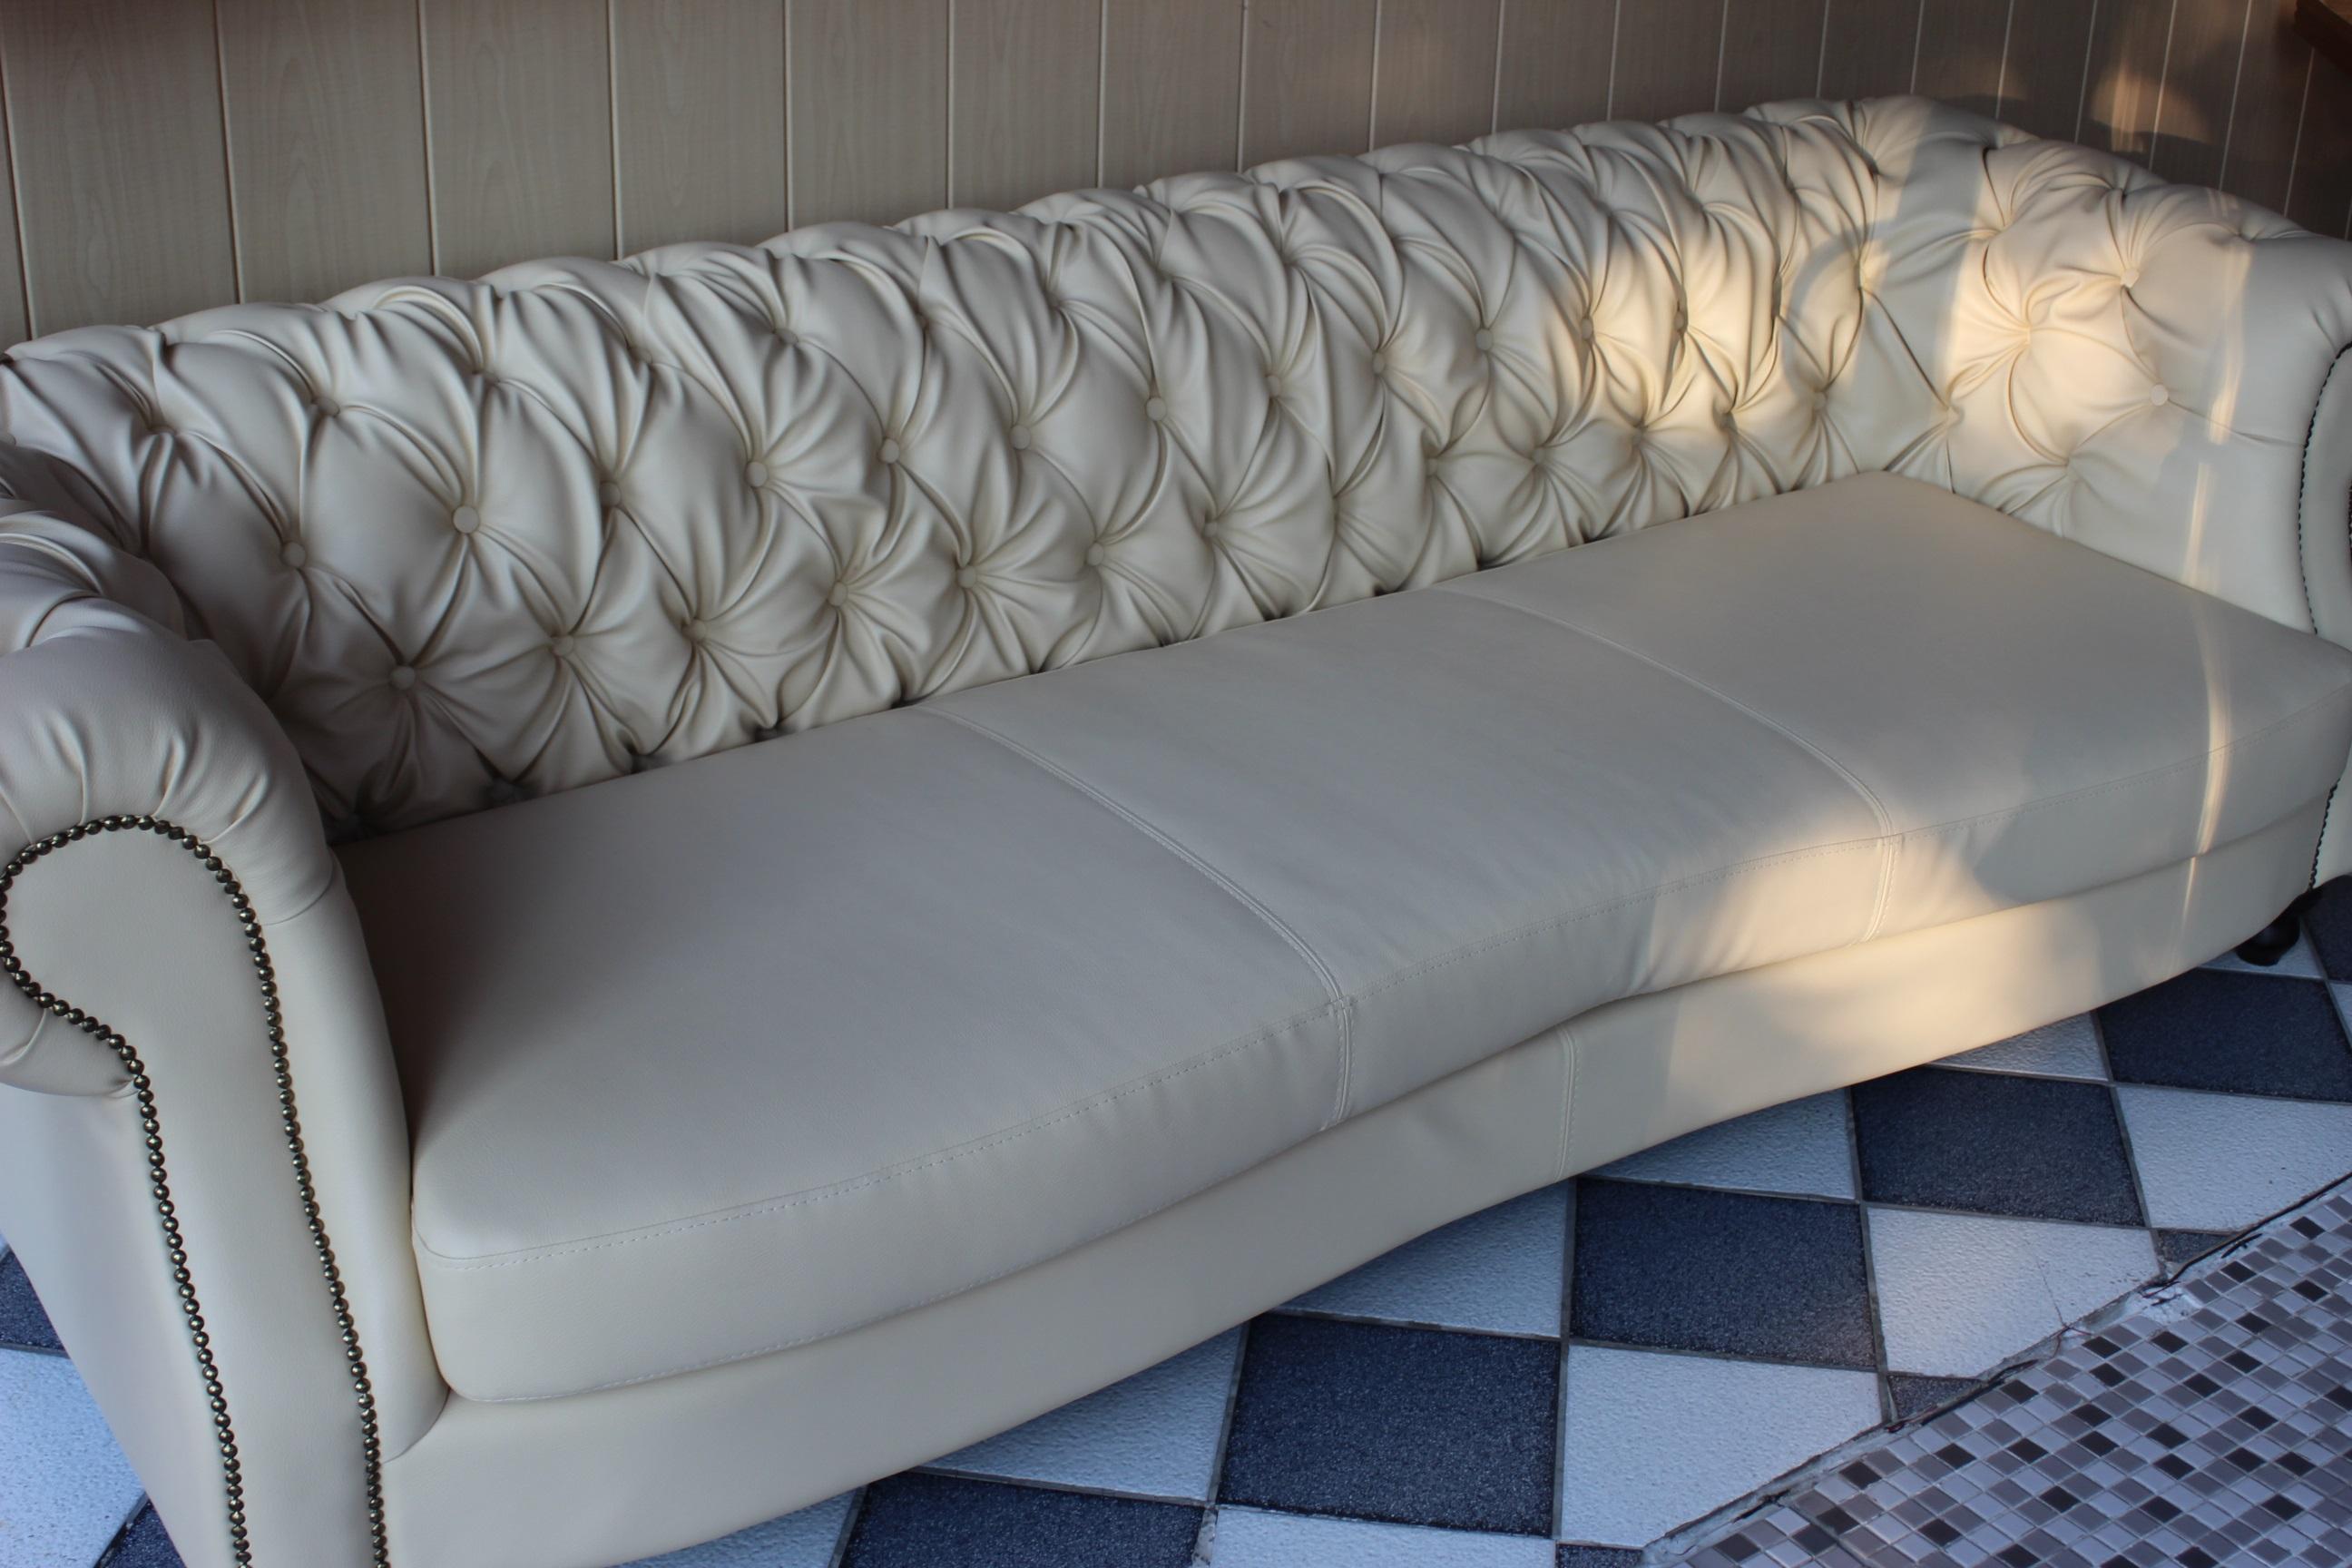 Charly chesterfield sofa couch wohnlandschaft 250cm xxl for Wohnlandschaft xxl sofort lieferbar